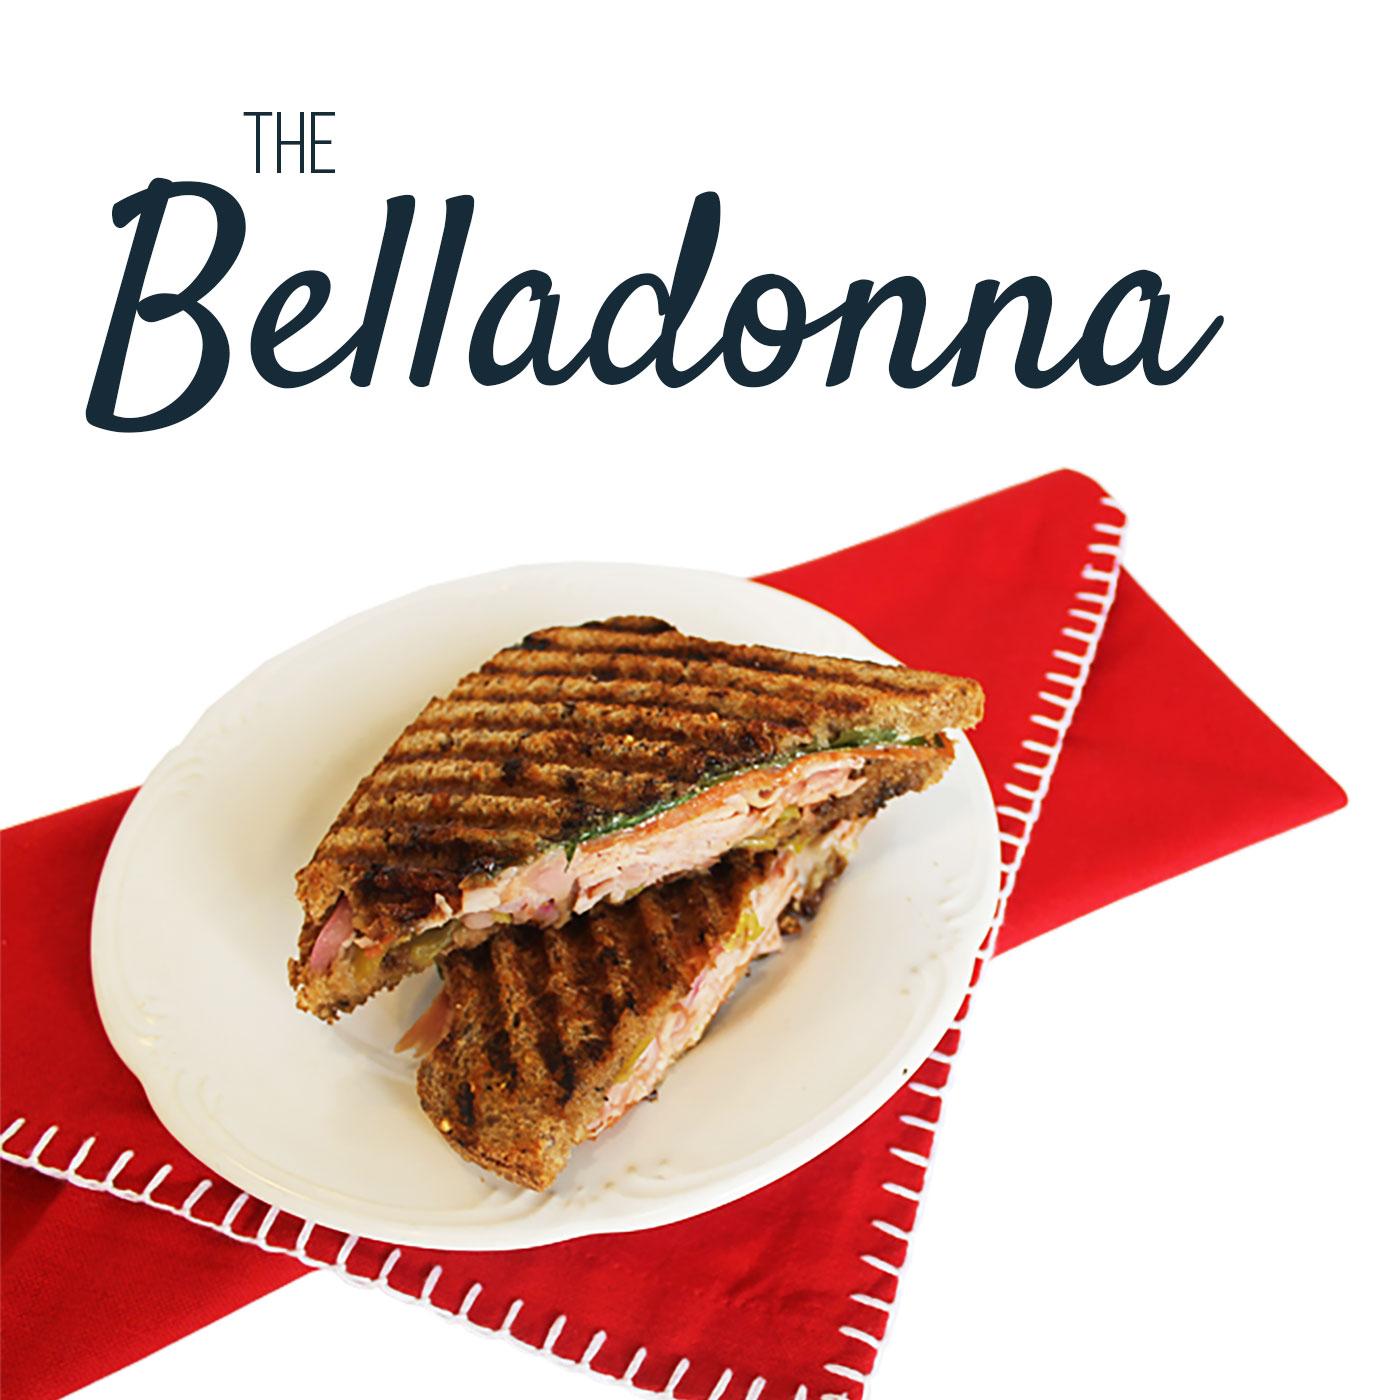 The Belladonna